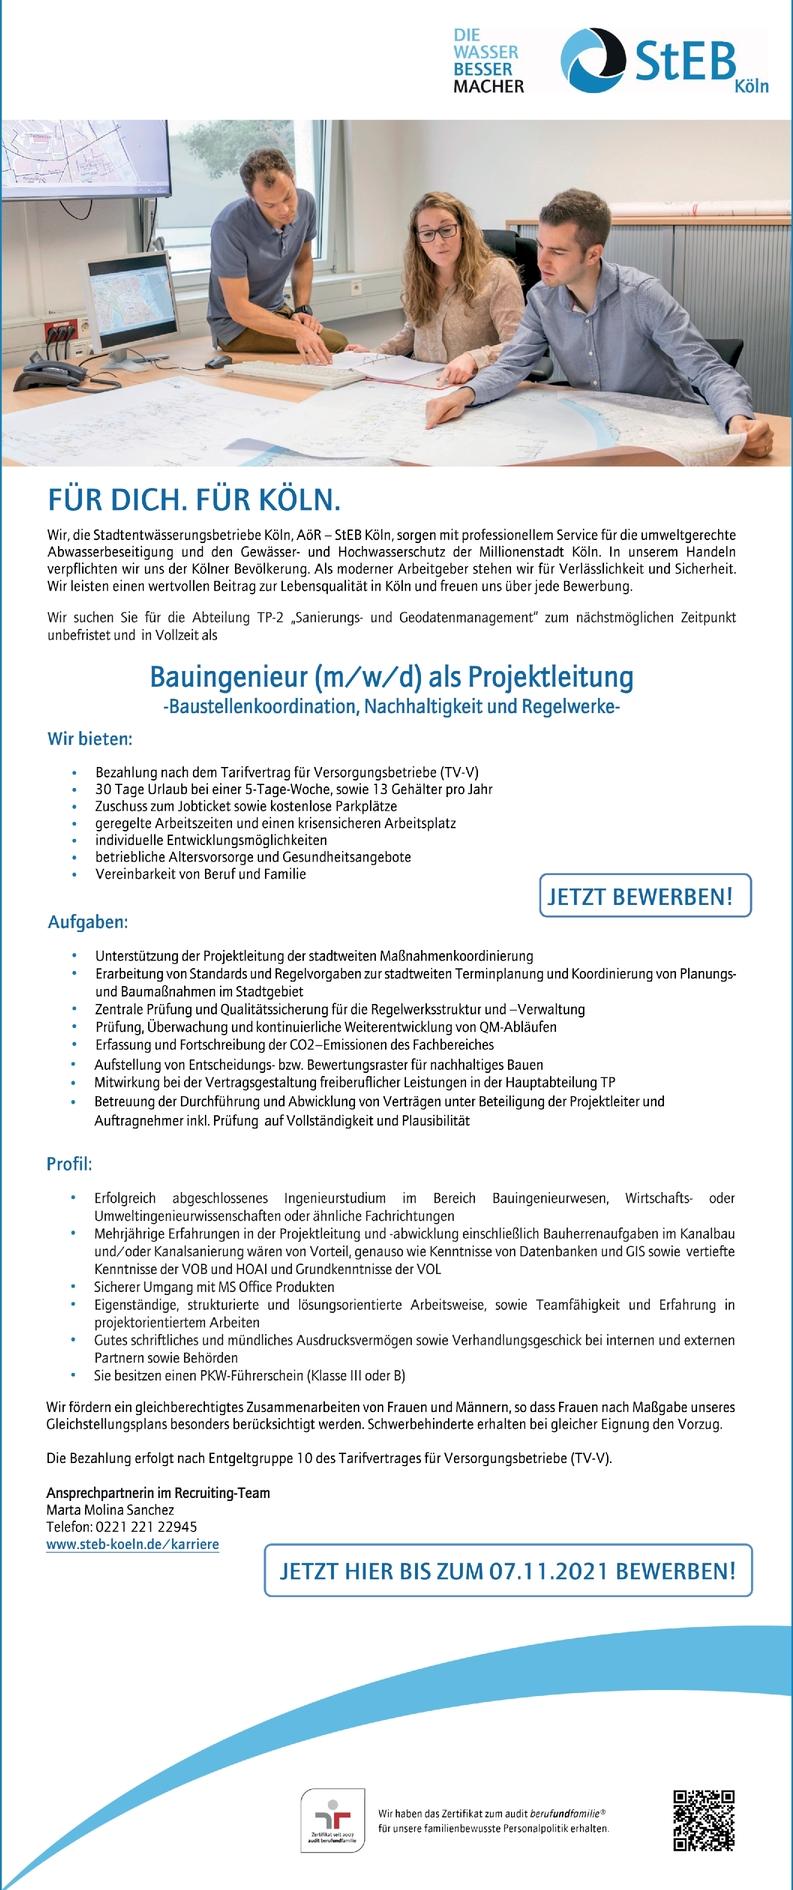 Bauingenieur m/w/d Projektleitung